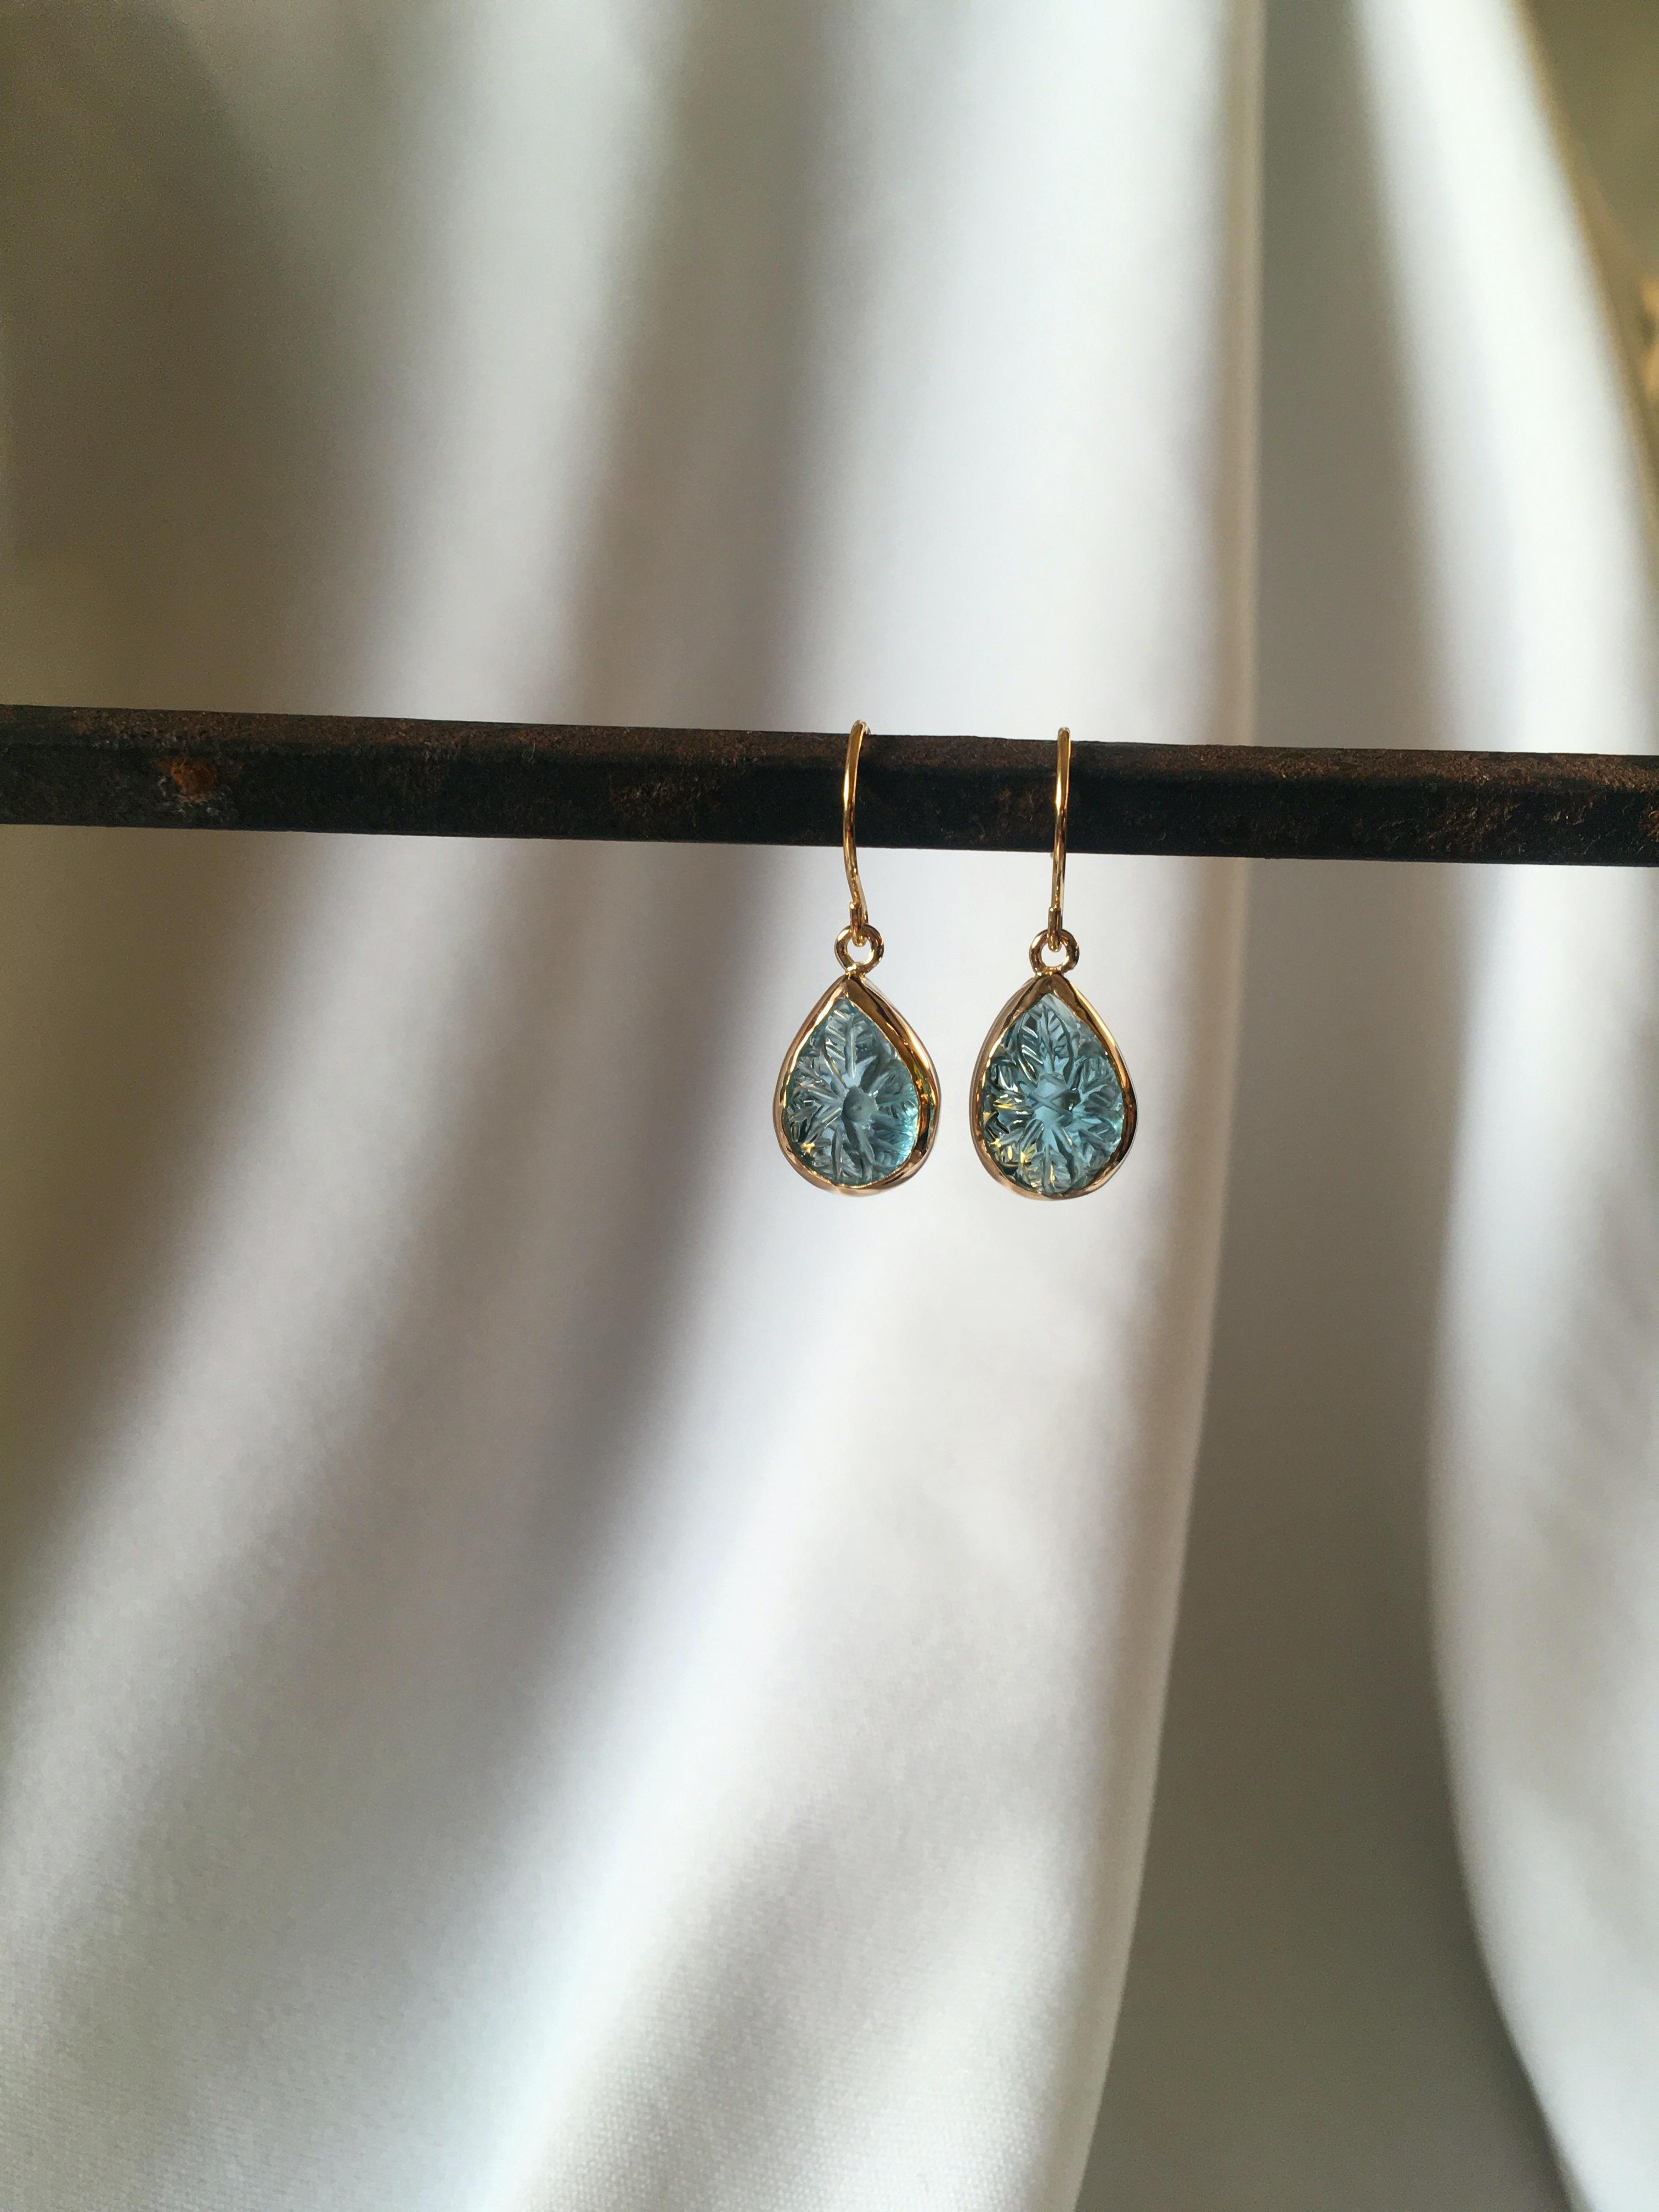 K10 Carving Blue Topaz Earrings drop 10金カービング(彫り)ブルートパーズピアス/イヤリング(ドロップ)